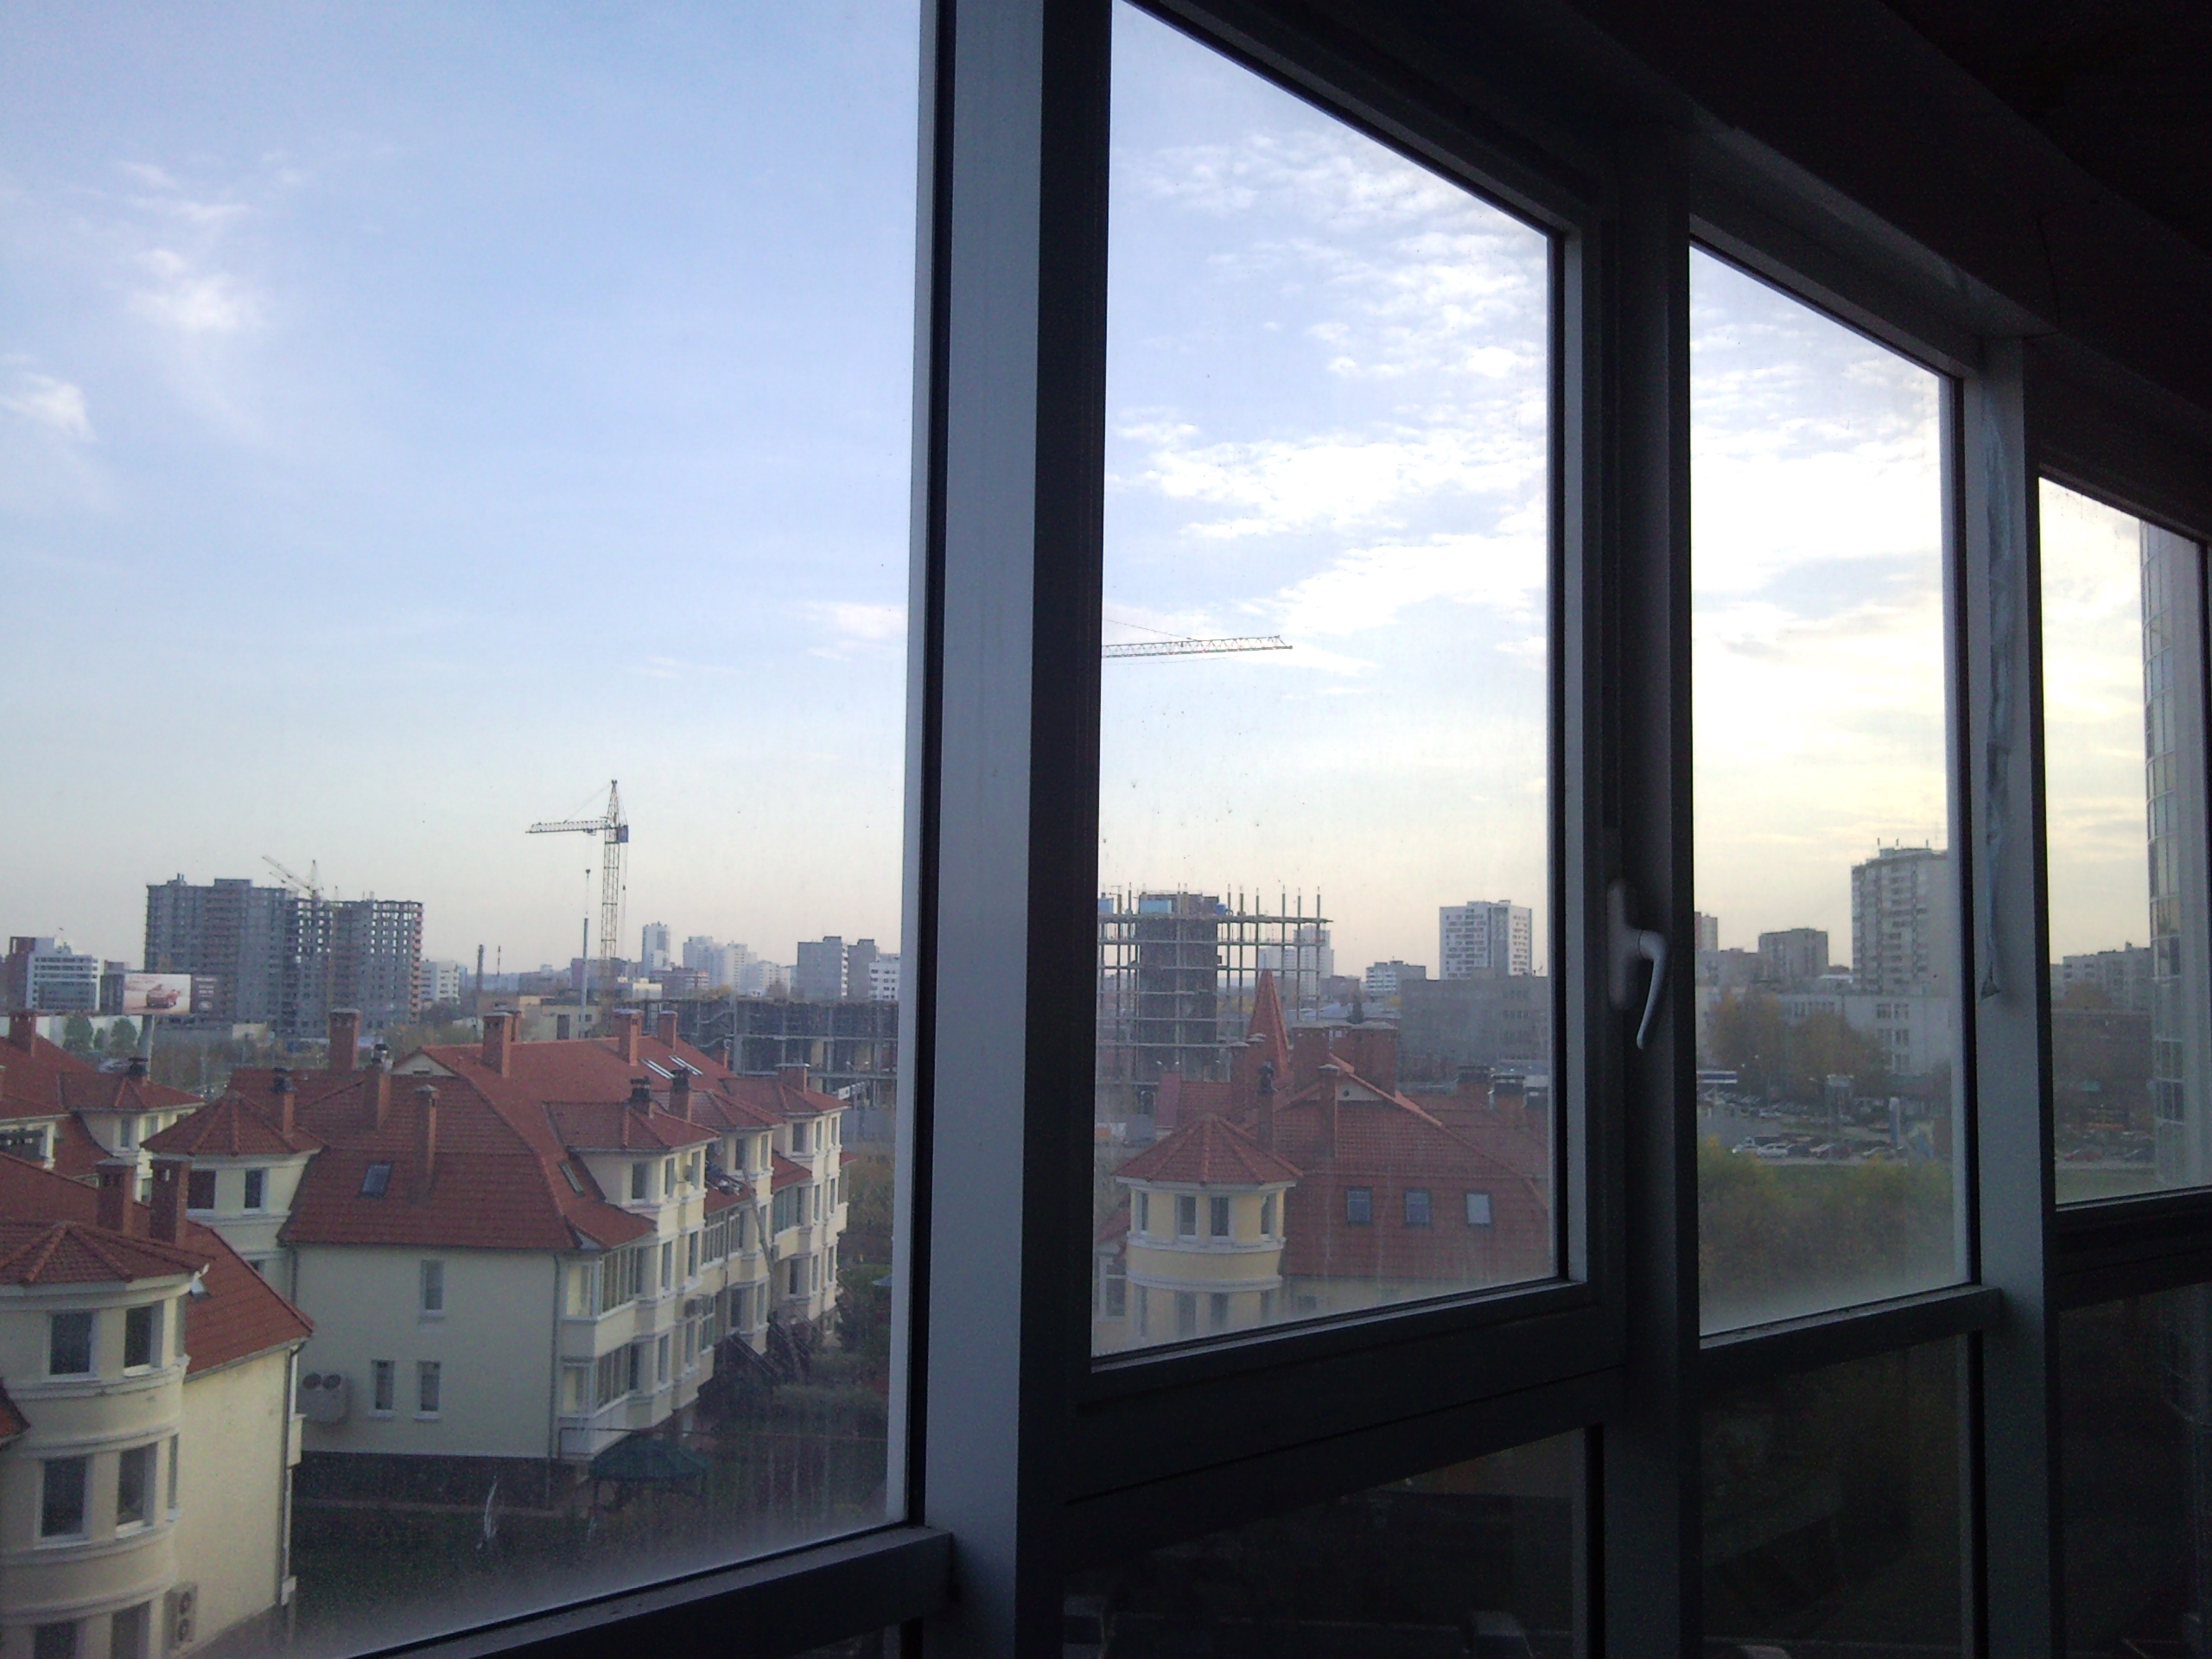 Купить квартиру в новостройке в екатеринбурге (екб), ул. бол.